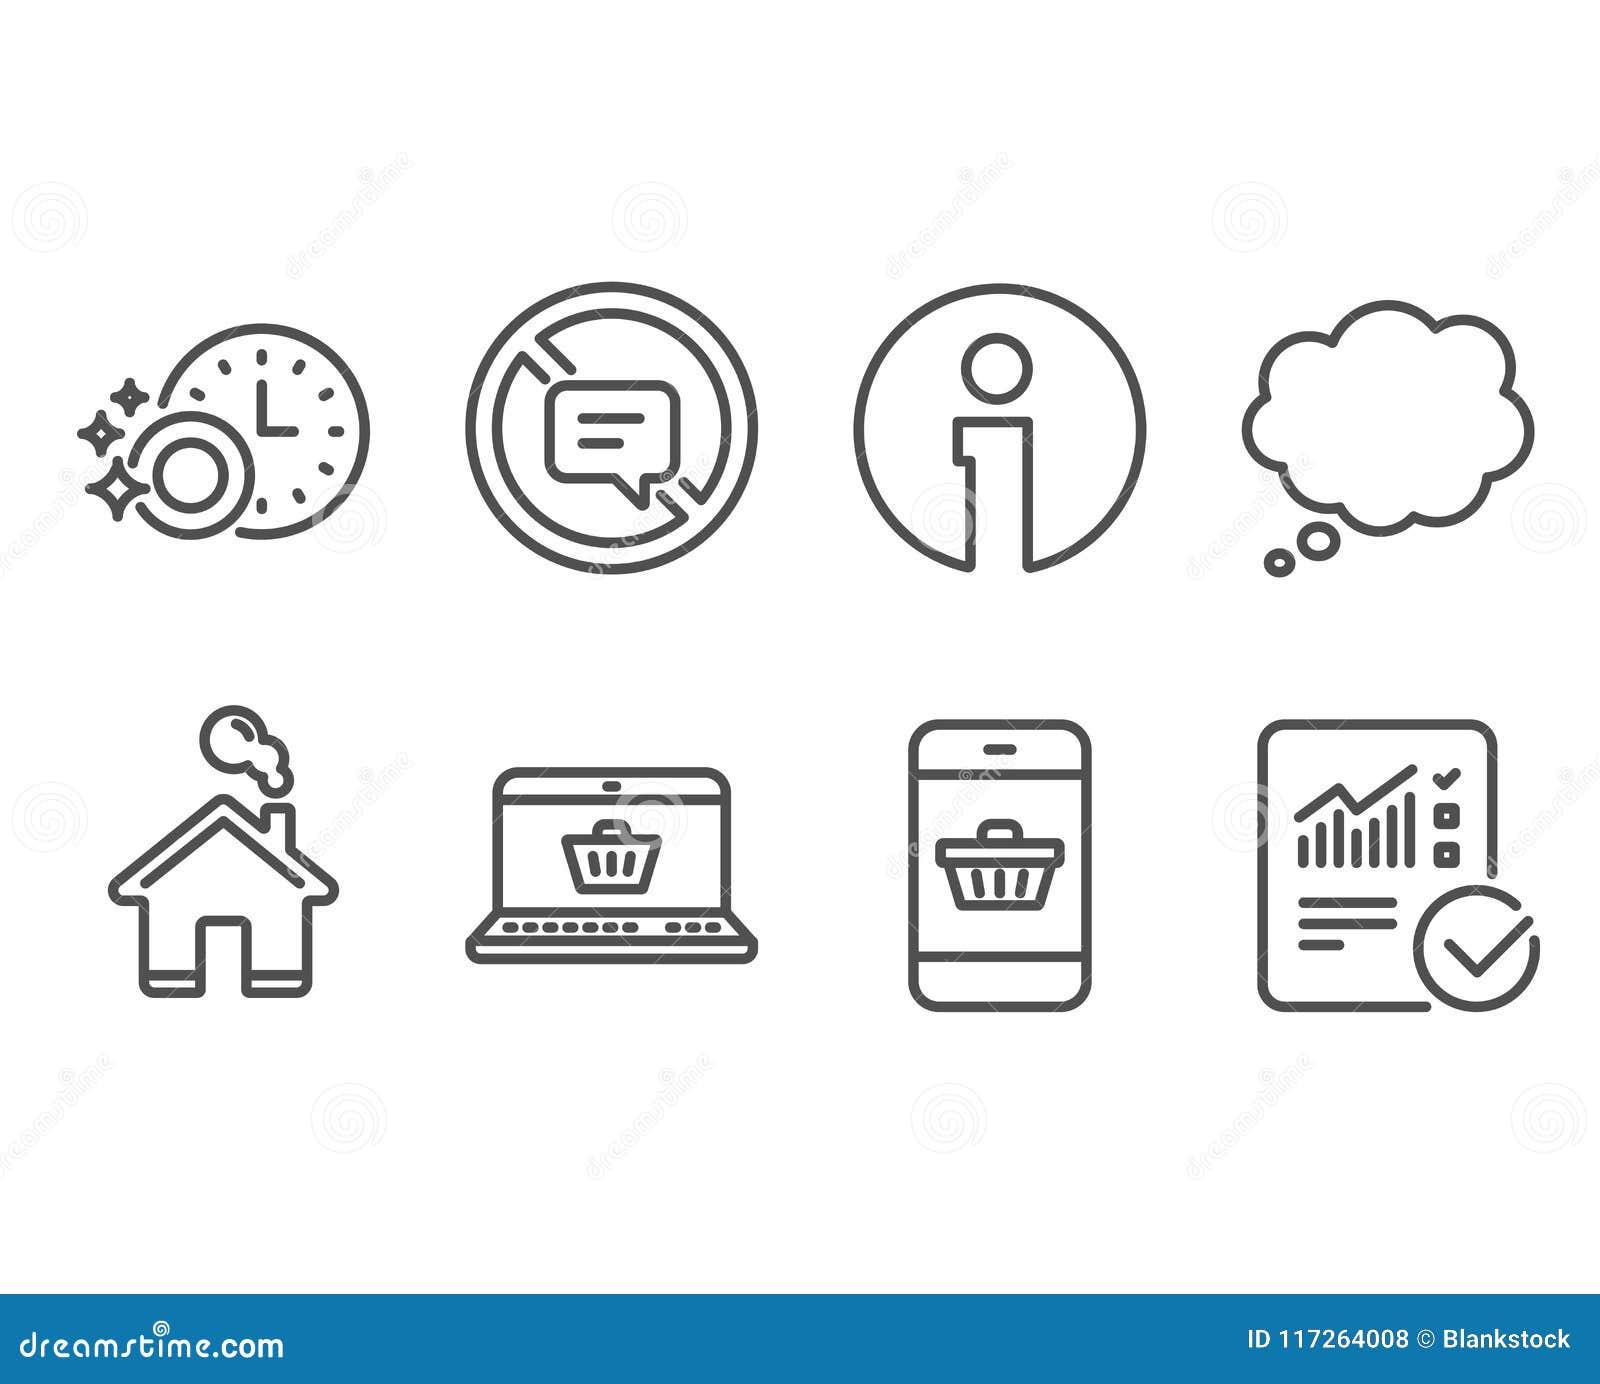 Στάση που μιλά, εικονίδια χρονομέτρων on-line αγορών και πλυντηρίων πιάτων